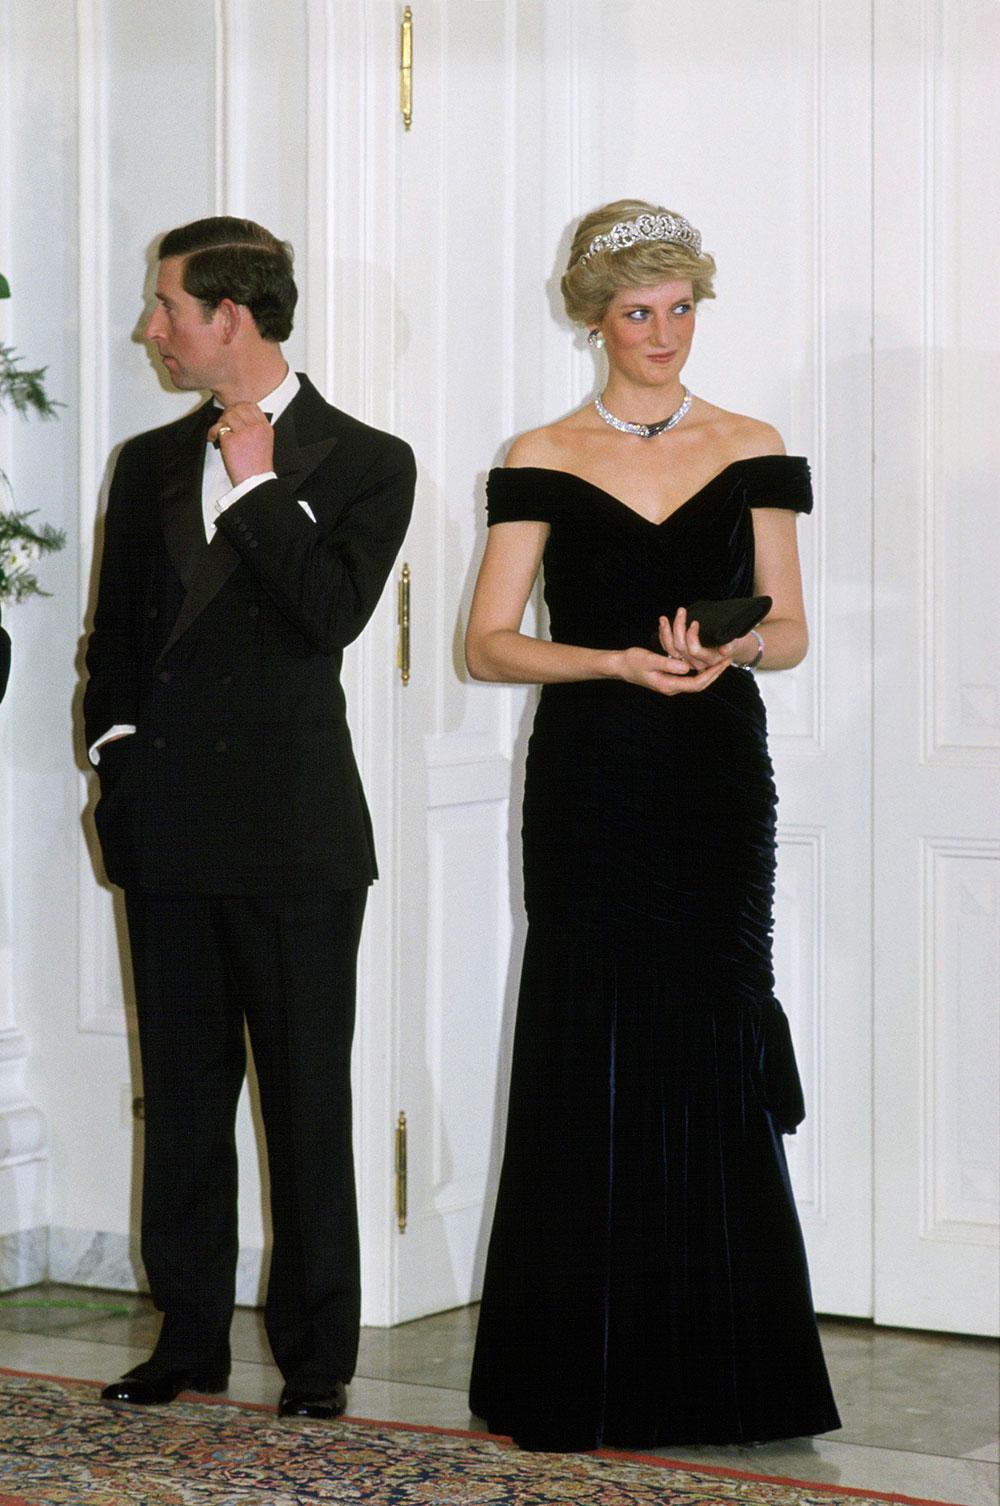 Brukte prins Charles Diana sin motesans mot henne?